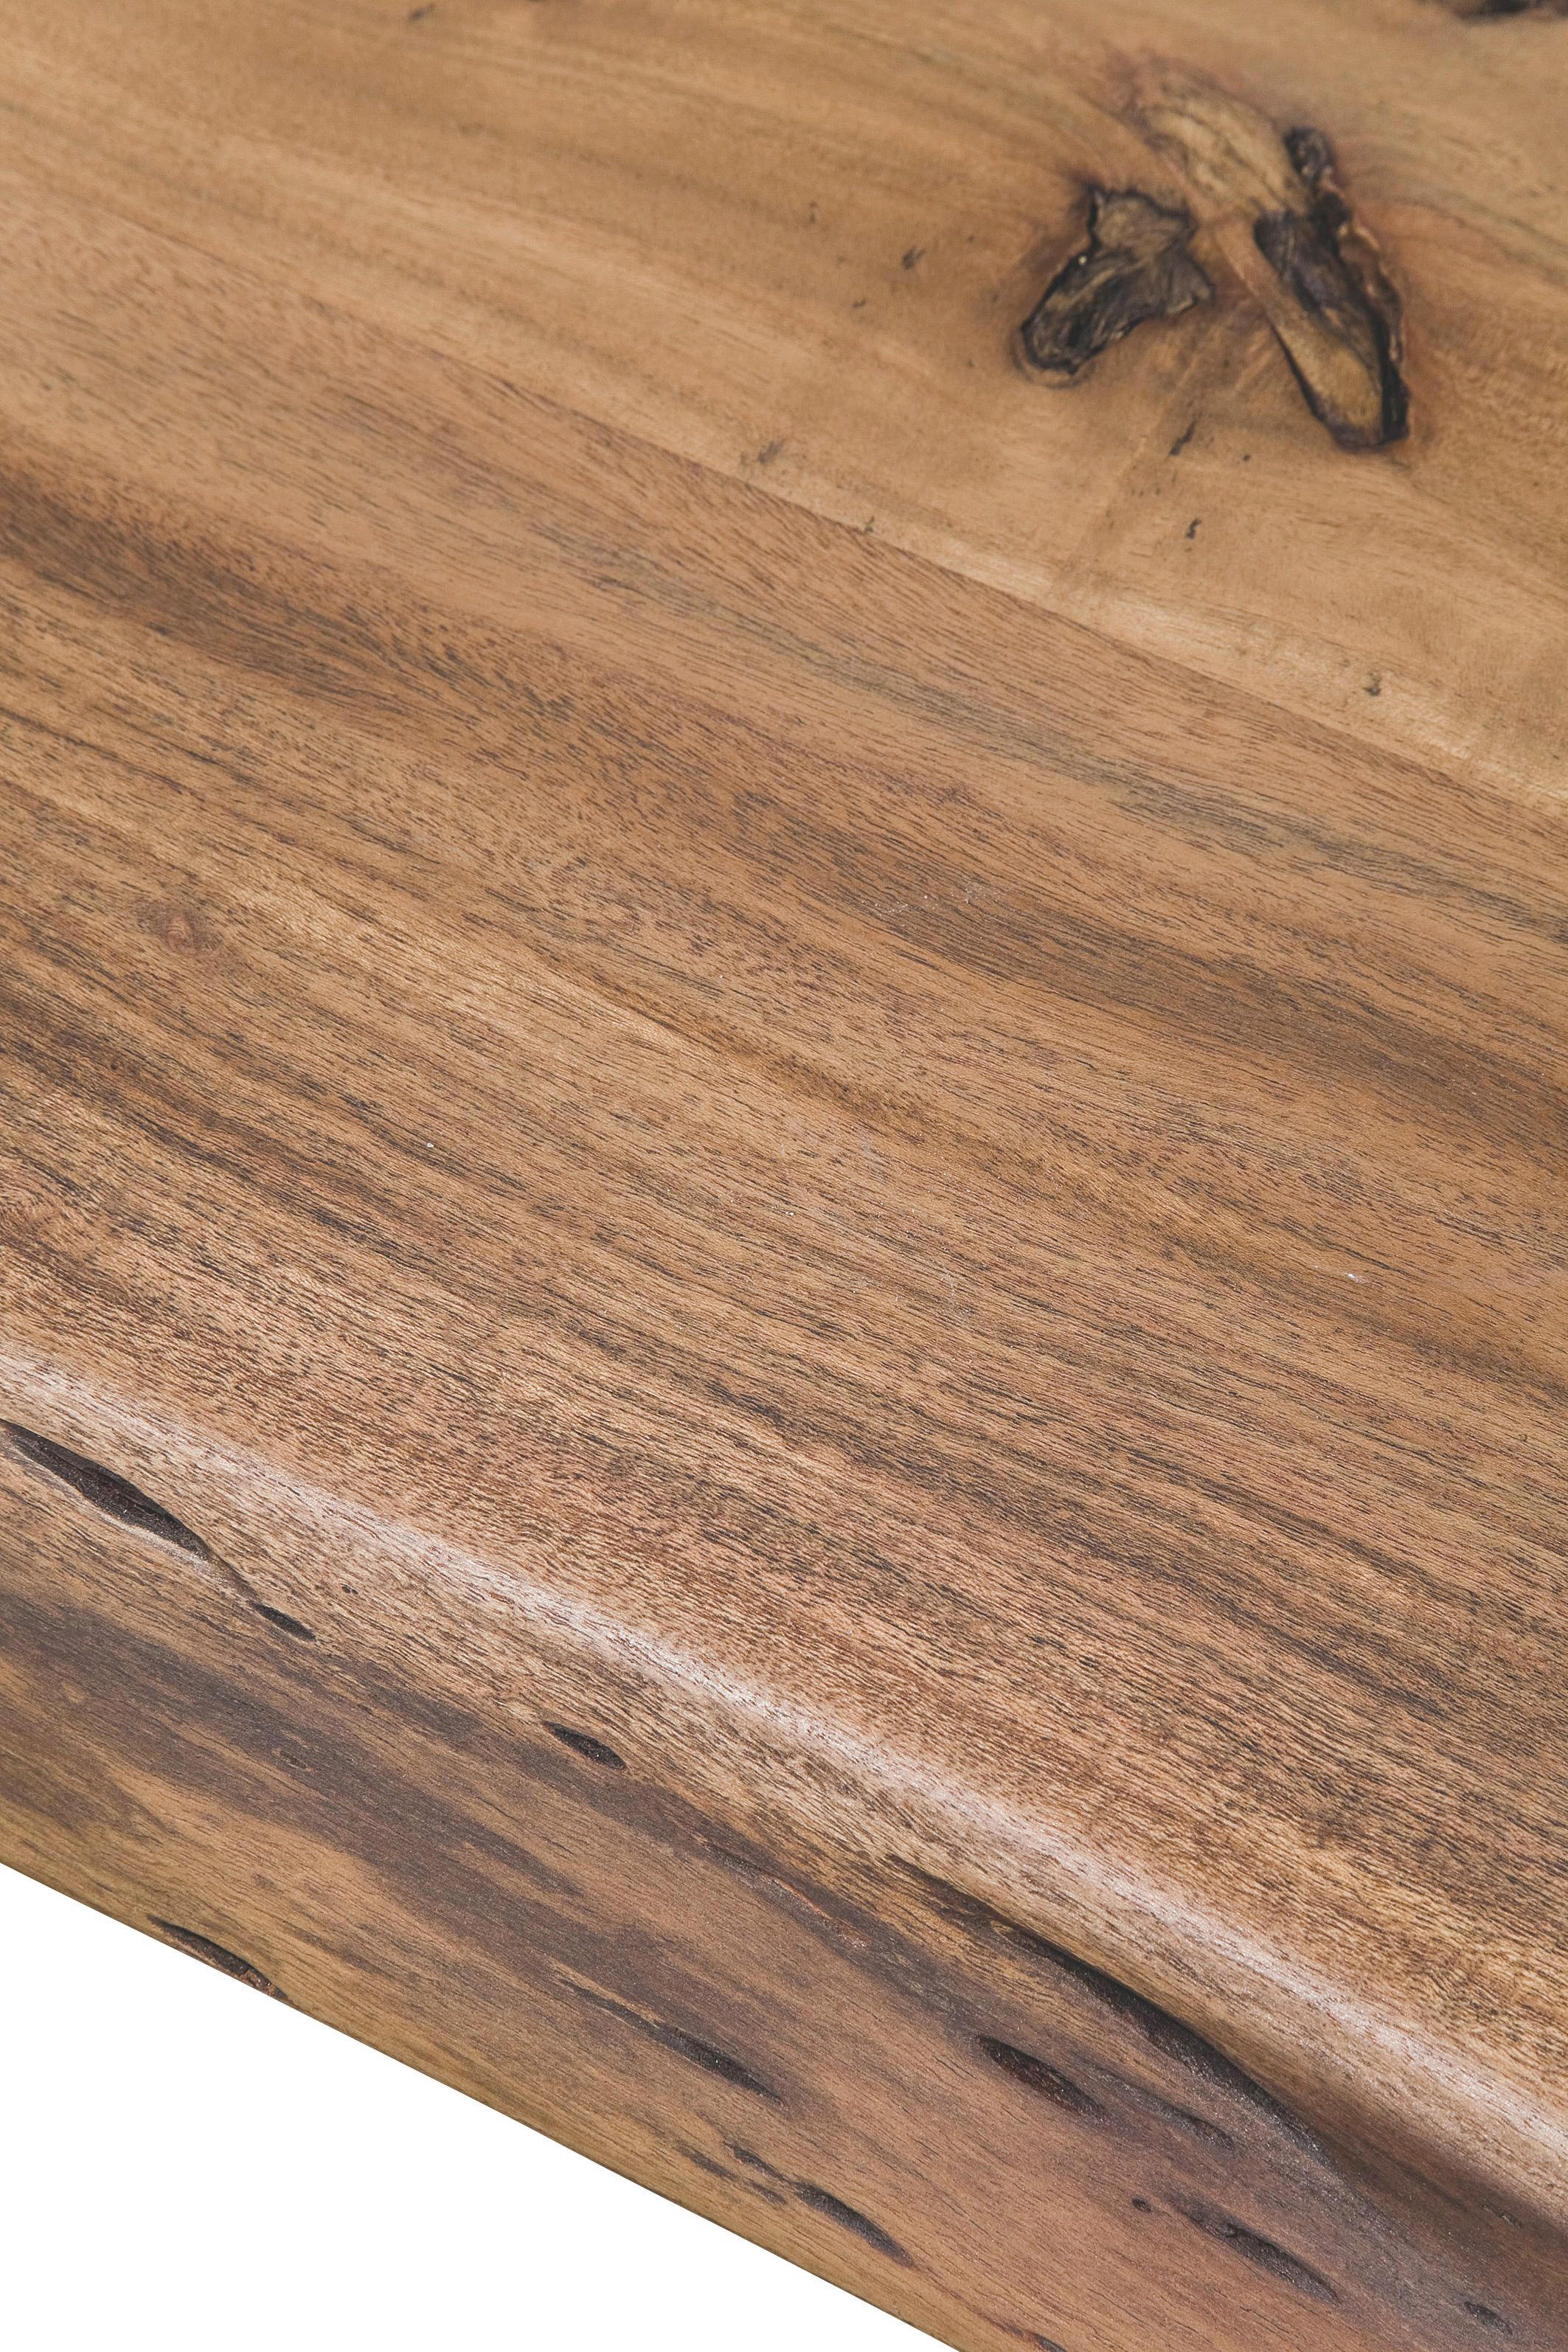 ESSTISCH Akazie massiv Akaziefarben - Akaziefarben, ROMANTIK / LANDHAUS, Holz/Metall (195/77/110cm) - KARE-Design